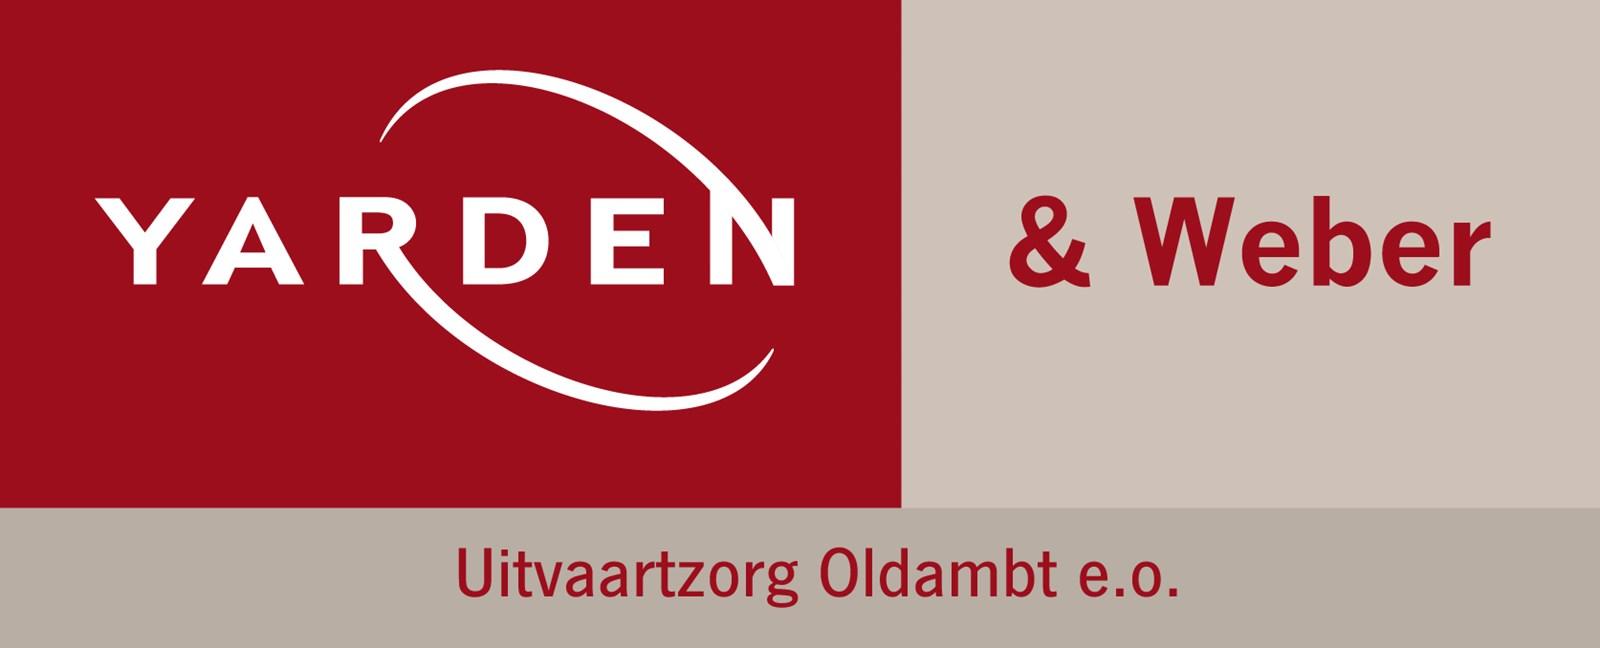 Logo van Yarden & Weber Uitvaartzorg Oldambt